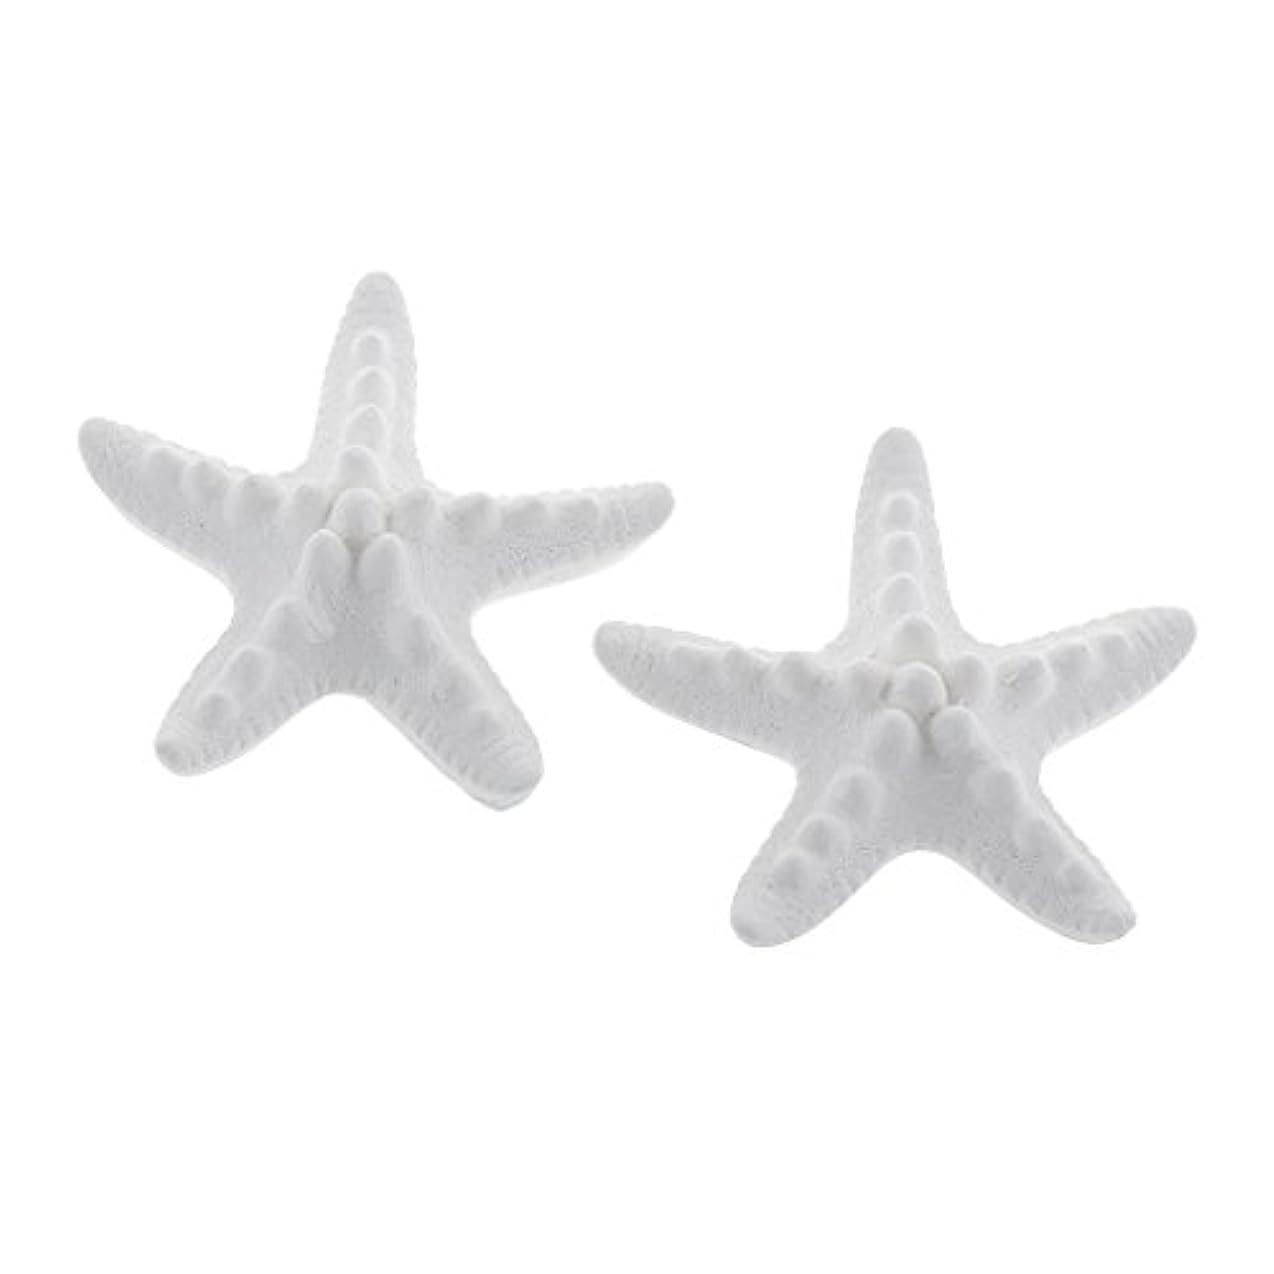 ジェーンオースティン美人良さFLAMEER 家の装飾のための2個のSeastarの香りの芳香の石DIYの精油の拡散器